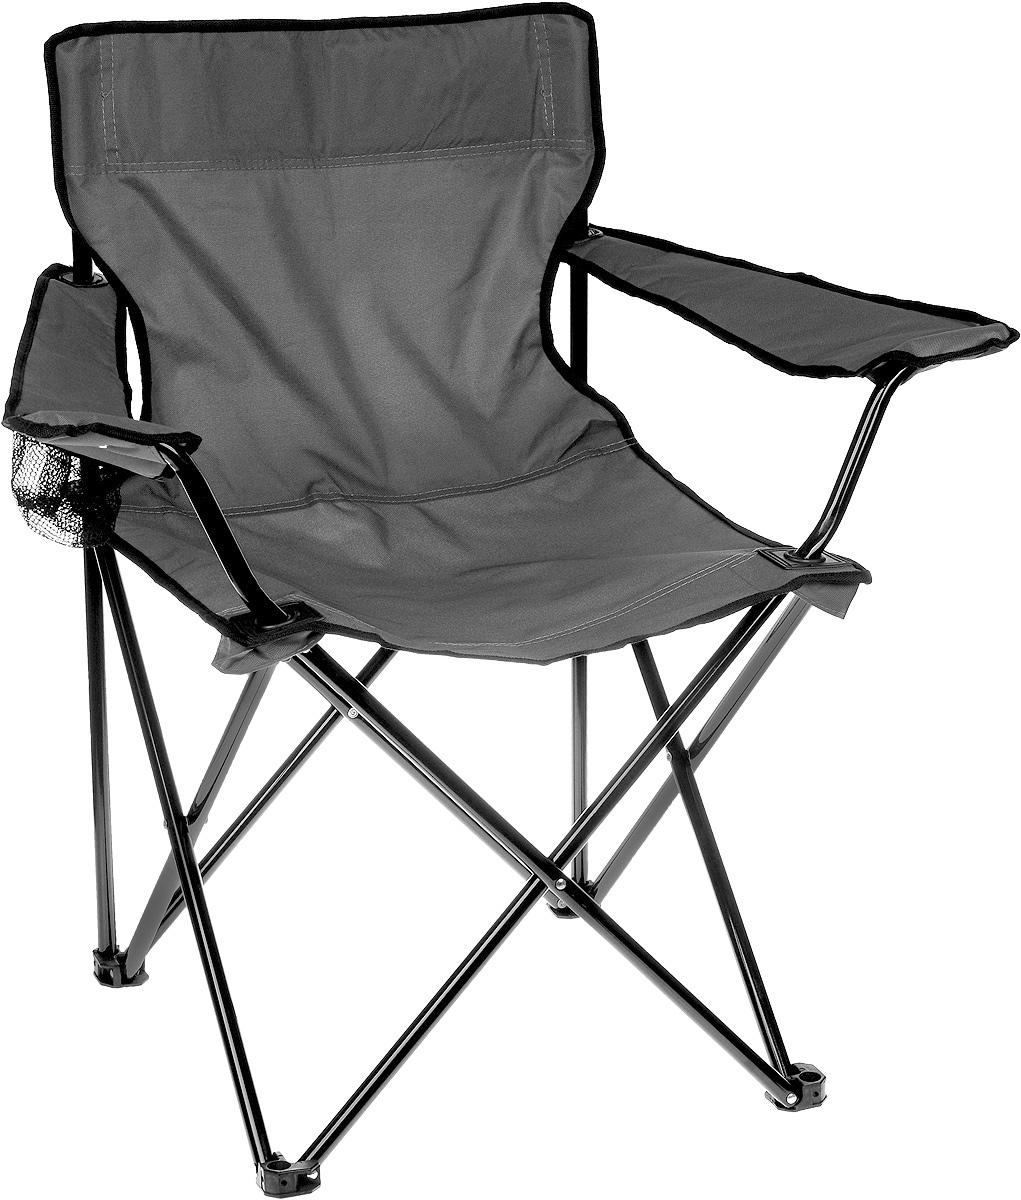 Кресло складное Wildman, с подлокотником, цвет: серый, черный, 77 х 50 х 80 см81-446_серый/чёрныйНа складном кресле Wildman можно удобно расположиться в тени деревьев, отдохнуть в приятной прохладе летнего вечера. В использовании такое кресло достойно самых лучших похвал. Кресло выполнено из прочной ткани оксфорд, каркас стальной. Кресло оснащено удобными подлокотниками, в одном из них расположен подстаканник. В сложенном виде кресло удобно для хранения и переноски. В комплекте чехол для переноски и хранения. Максимальная нагрузка: 100 кг.